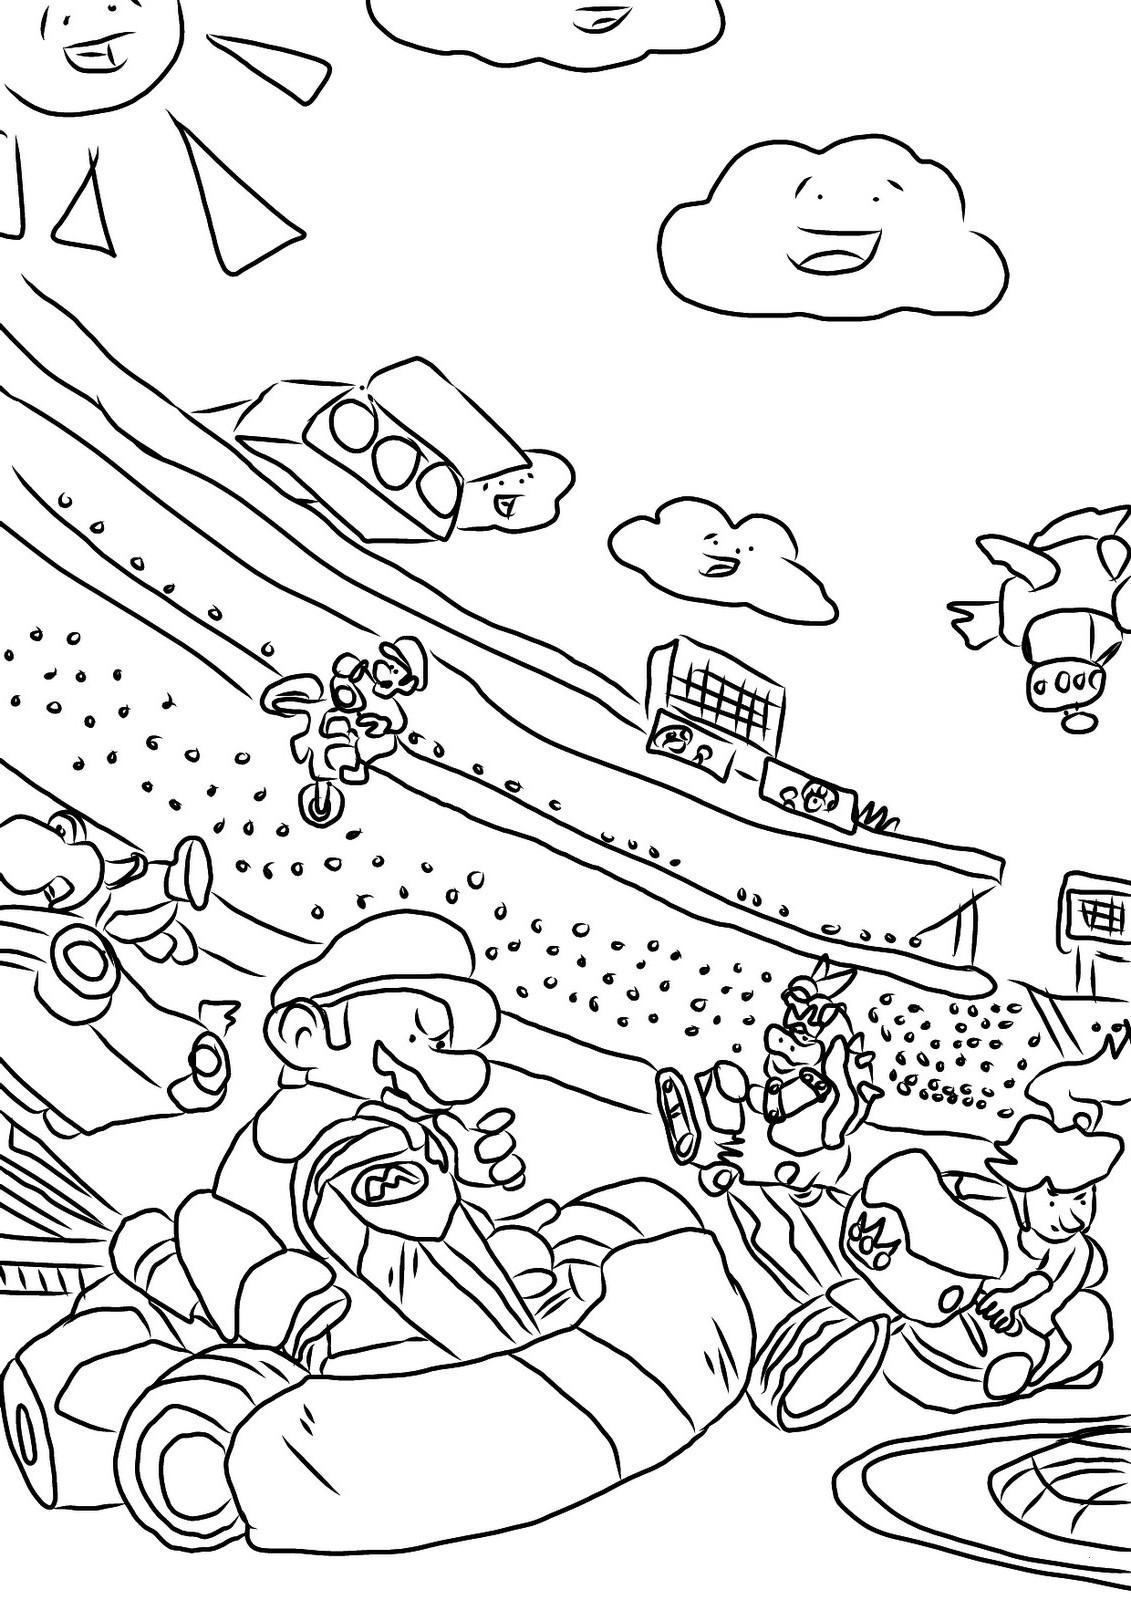 Super Mario Malvorlage Inspirierend 34 Schön Mario Ausmalbilder – Malvorlagen Ideen Fotos